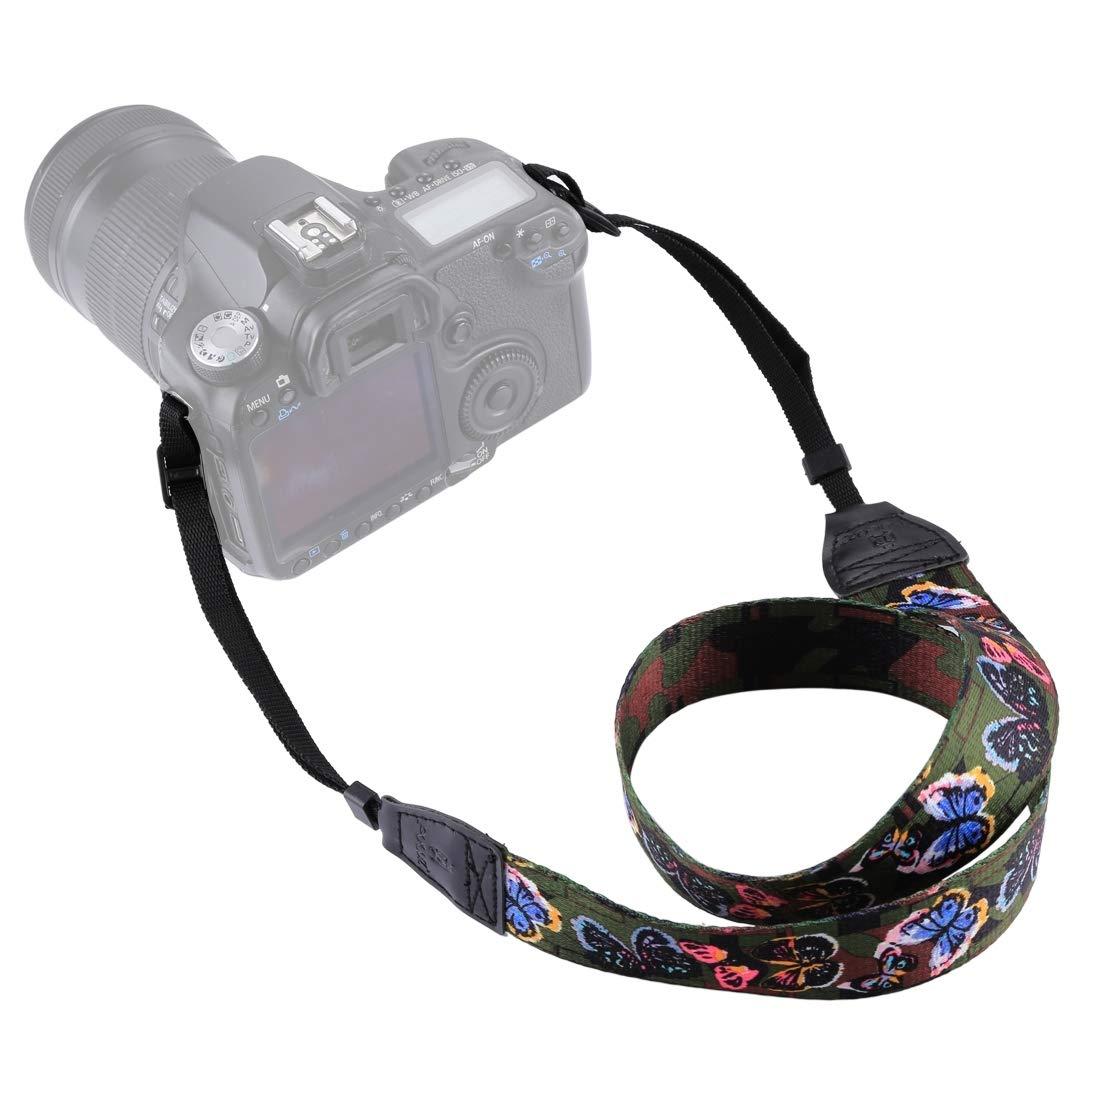 PULUZ Camera Neck & Shoulder Strap Belt for SLR/DSLR Cameras, Universal DSLR Strap Retro Ethnic Style Multi-Color Series Shoulder Neck Strap Camera Strap (Style 1)